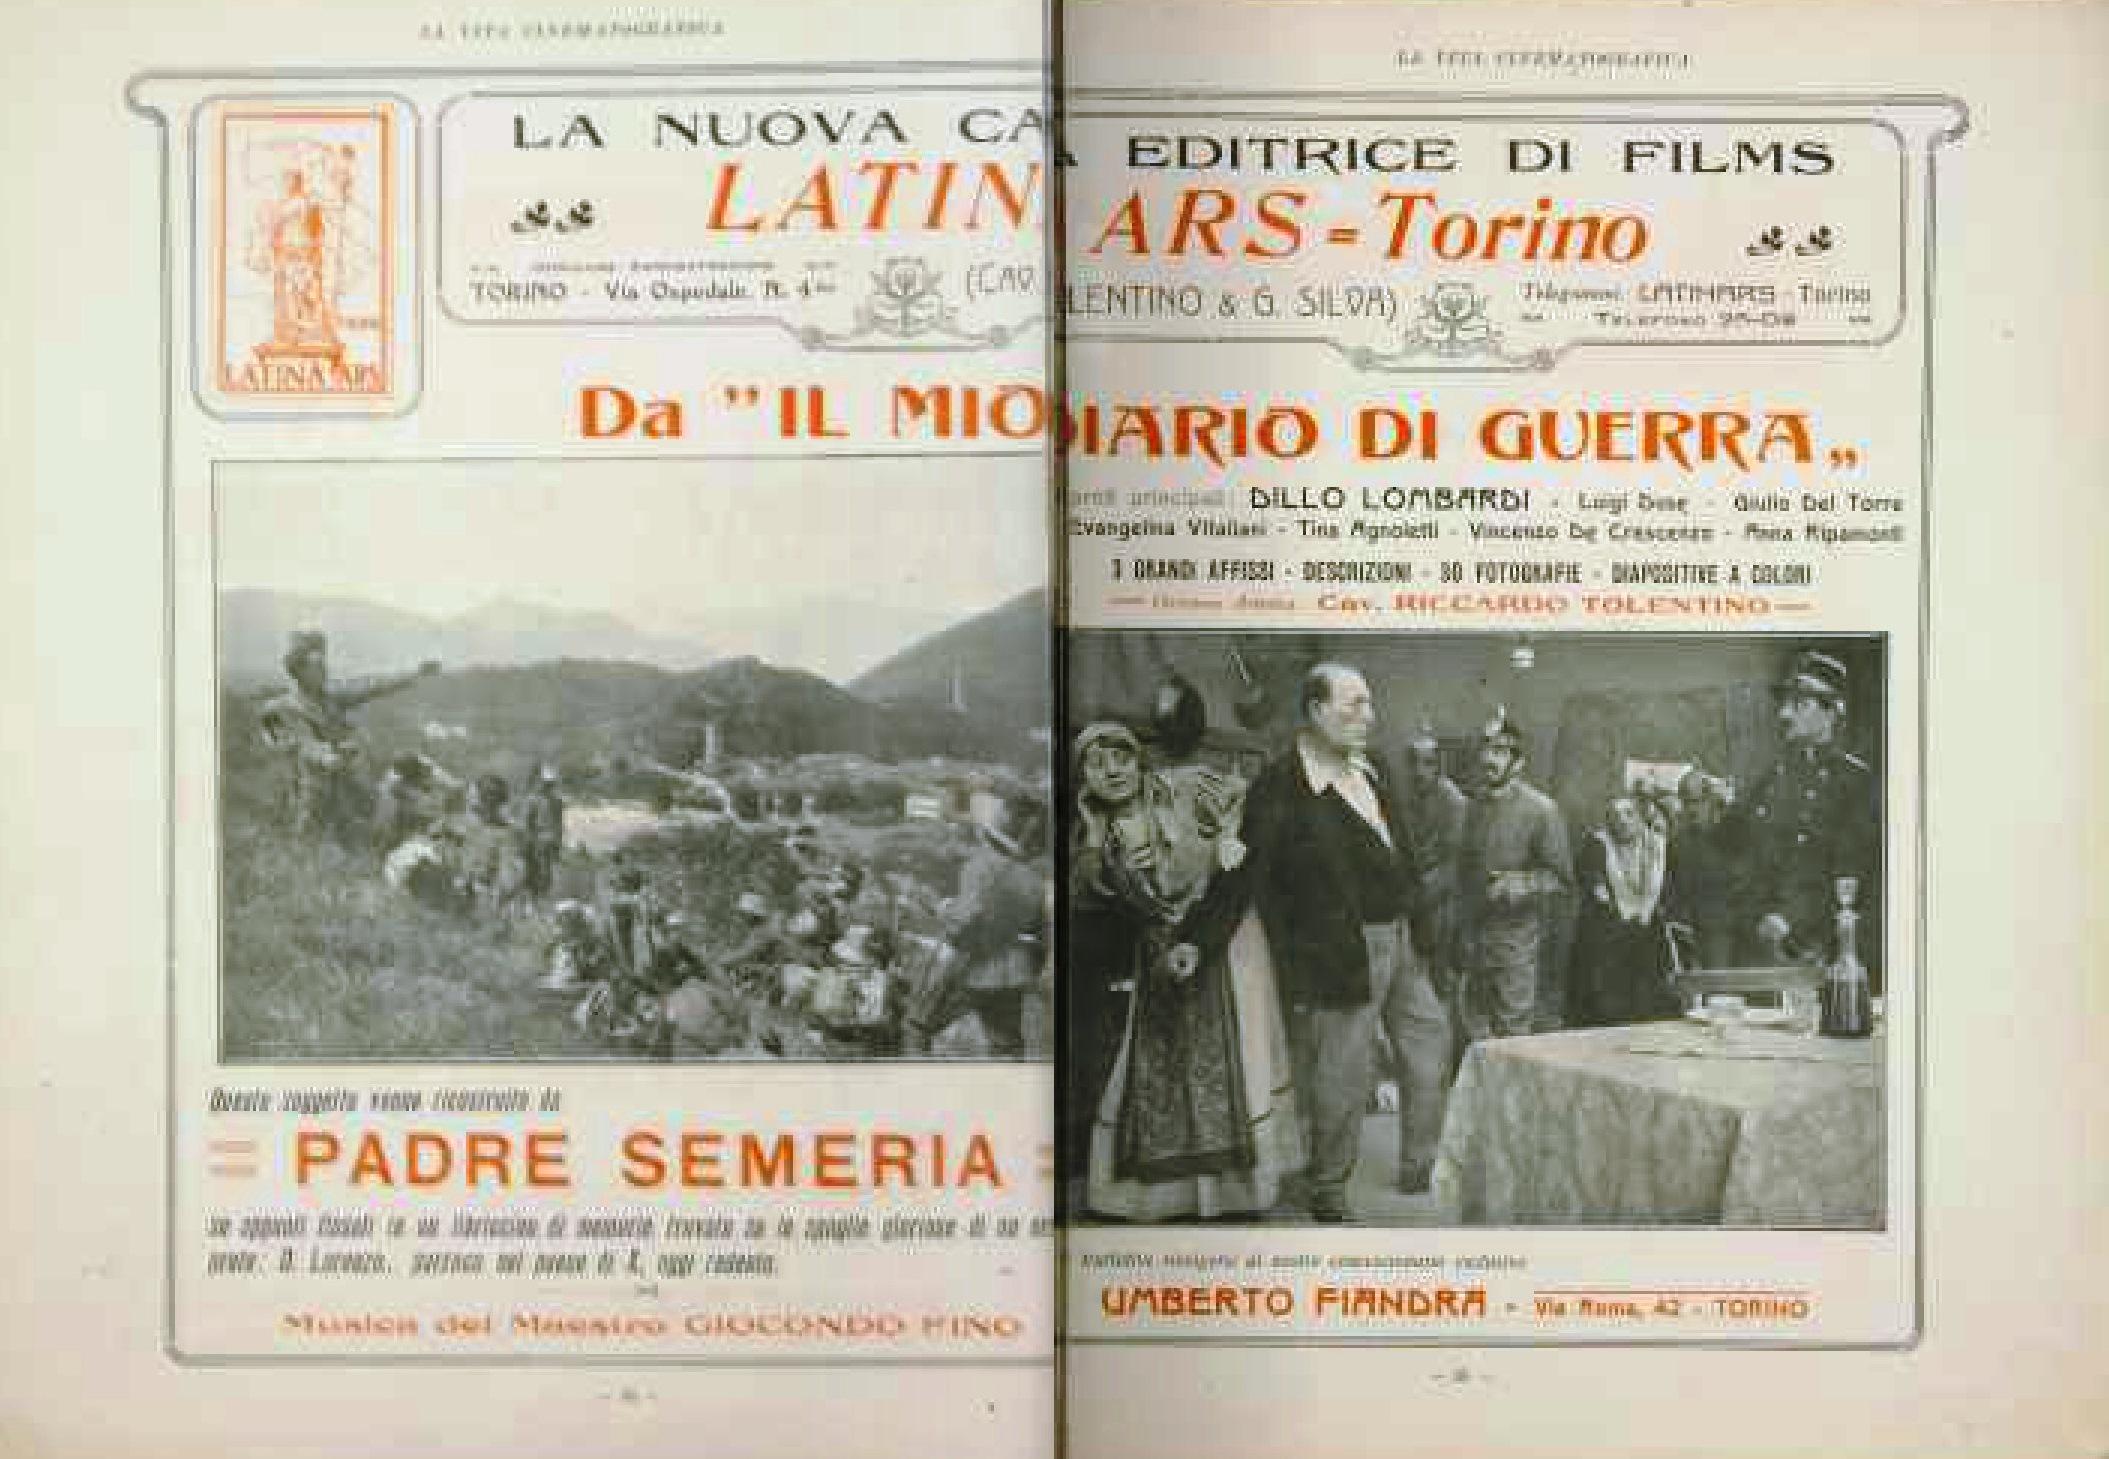 Locandina di presentazione del film